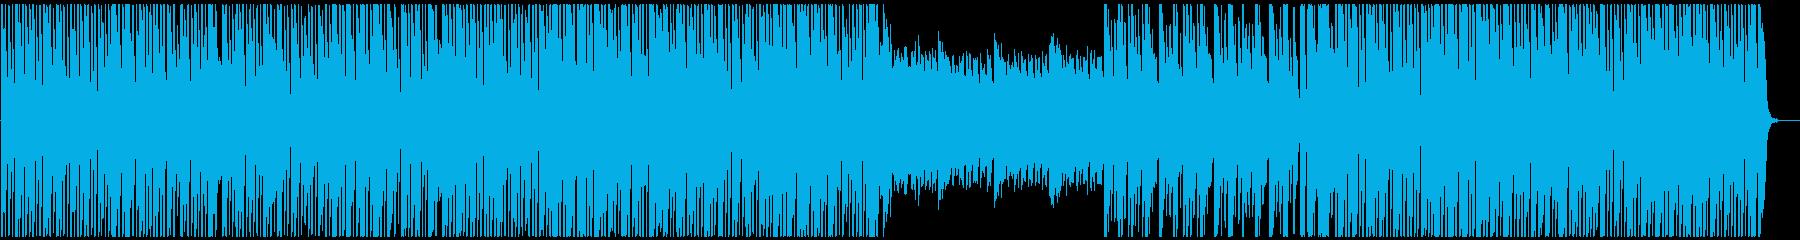 近未来的な疾走感のあるBGM【ループ可】の再生済みの波形